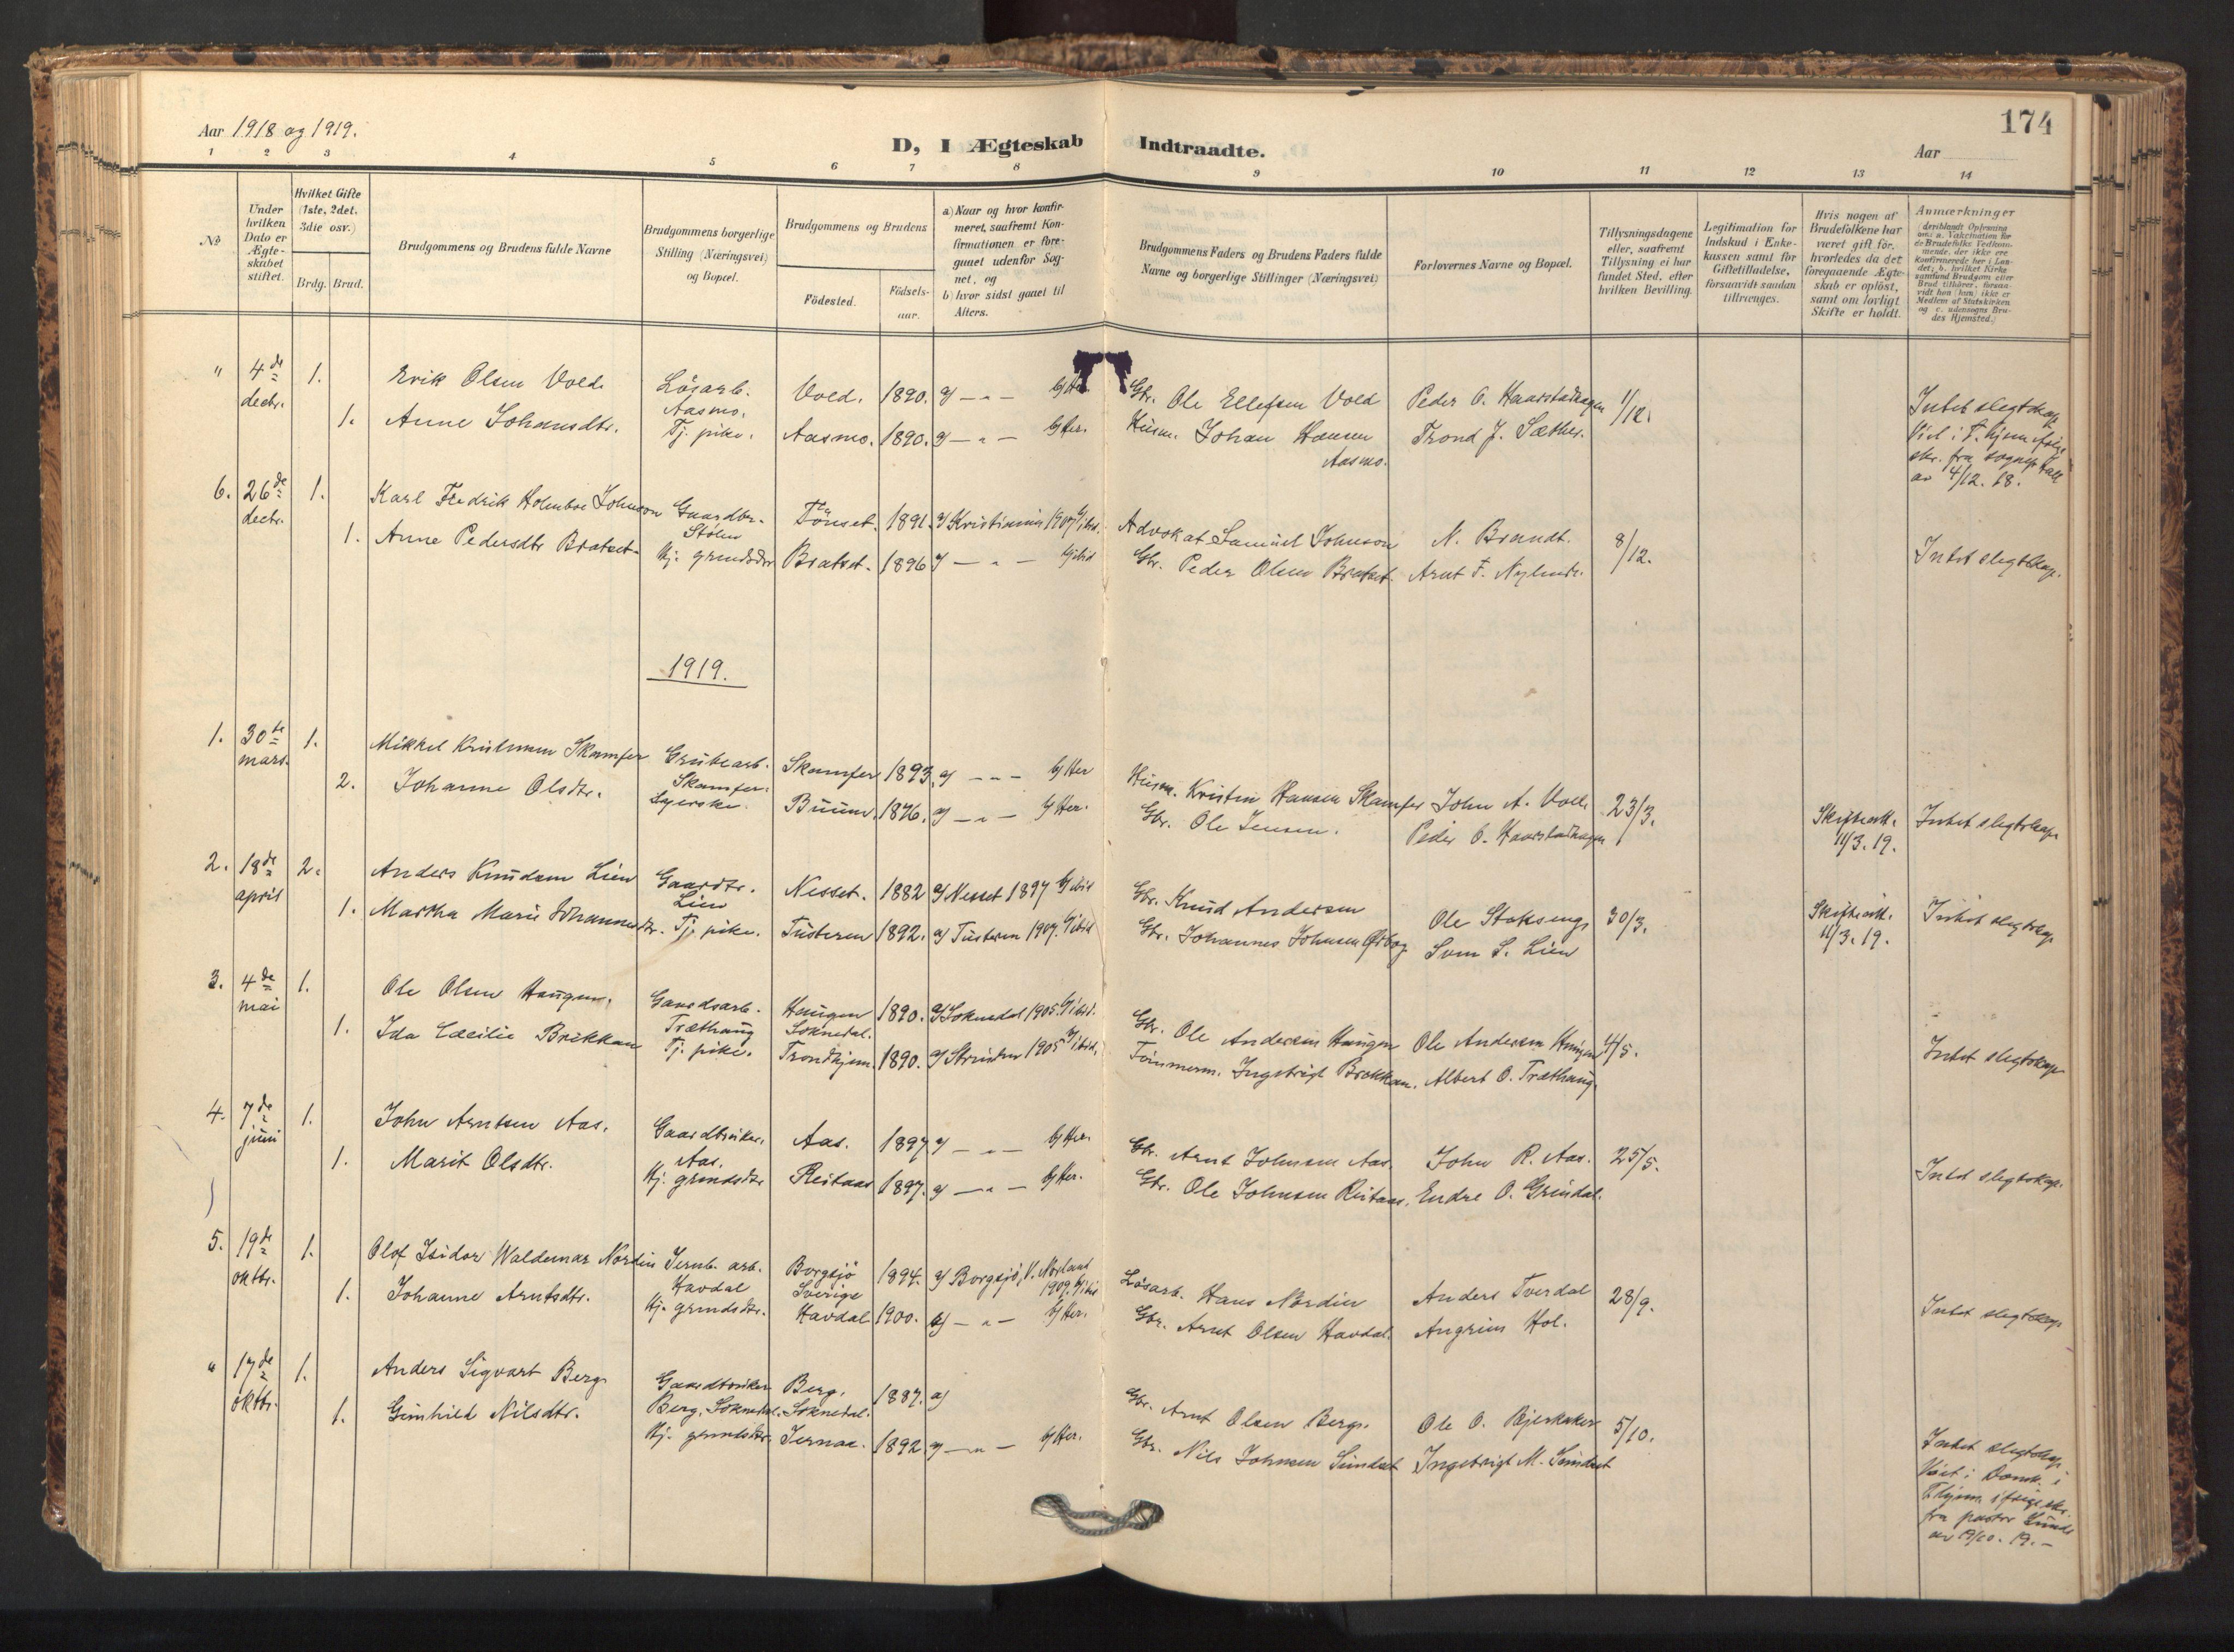 SAT, Ministerialprotokoller, klokkerbøker og fødselsregistre - Sør-Trøndelag, 674/L0873: Ministerialbok nr. 674A05, 1908-1923, s. 174